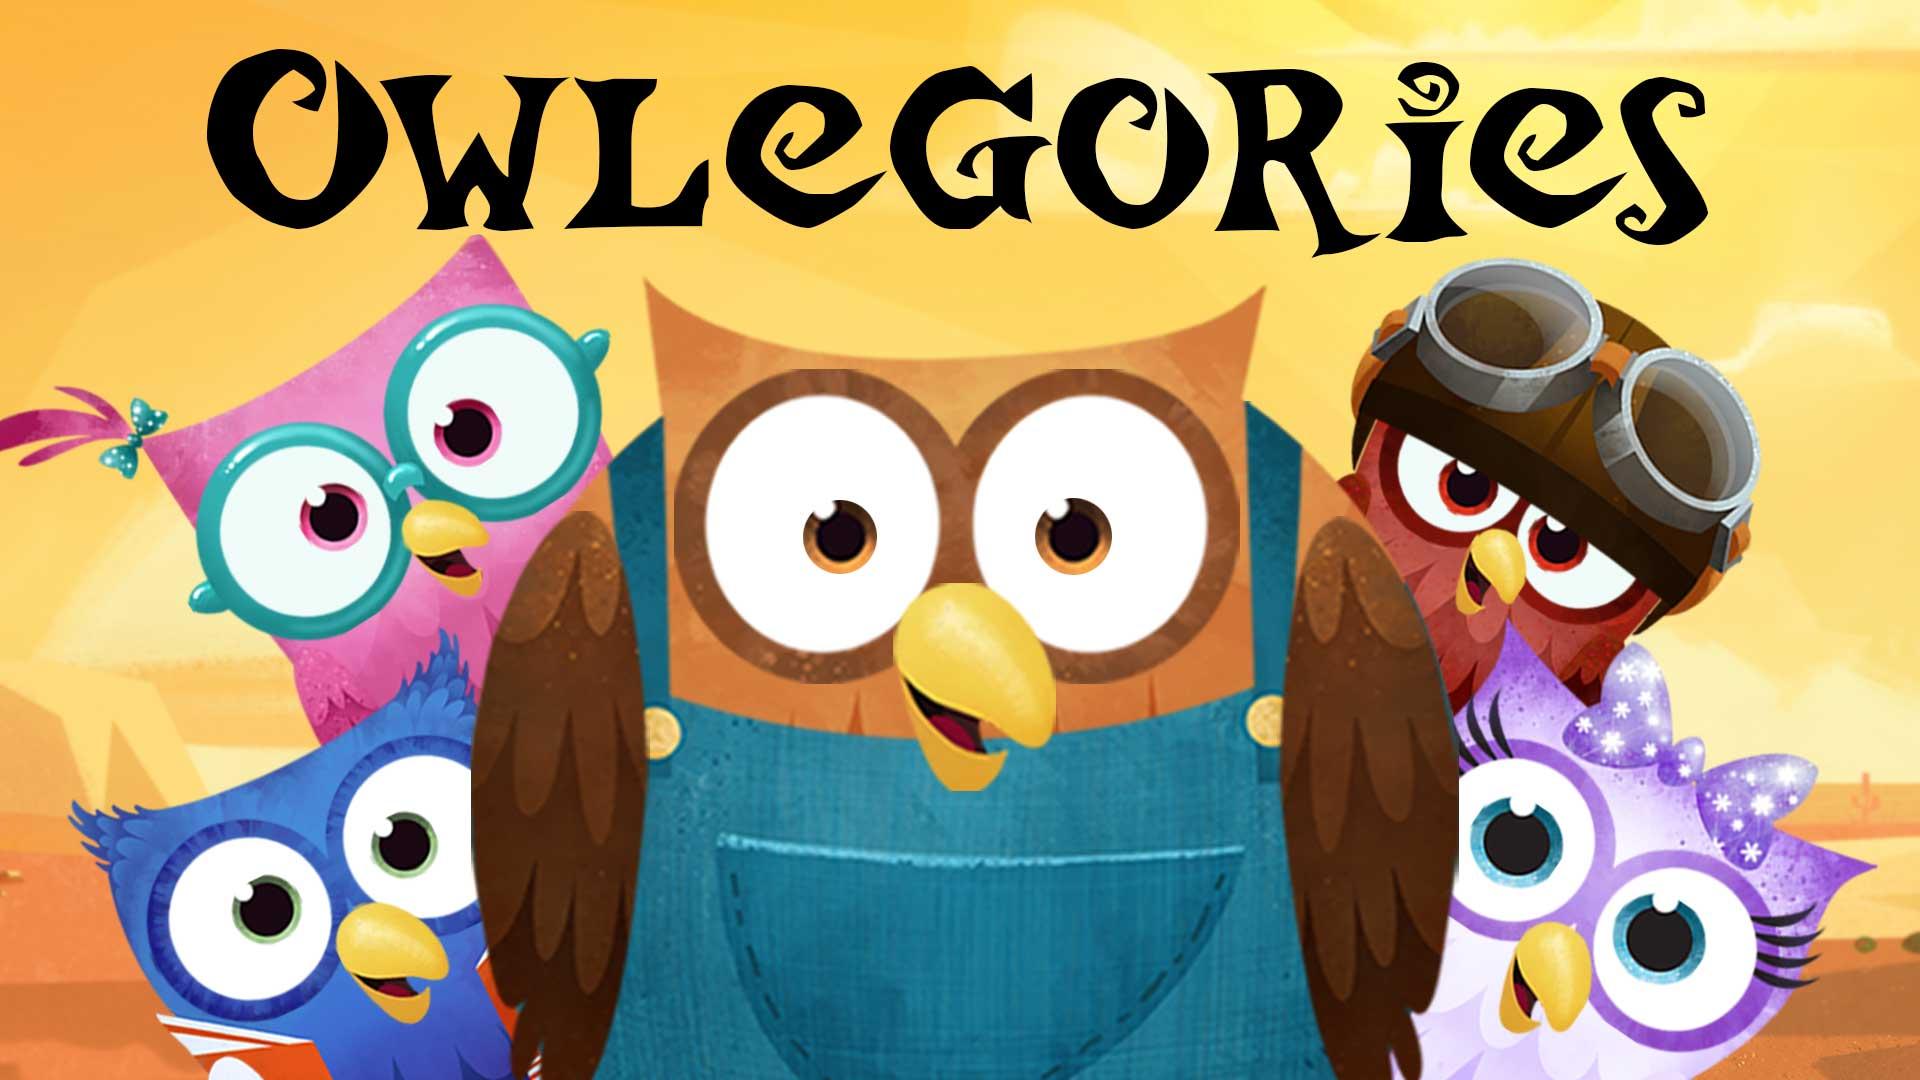 Owlegories series logo